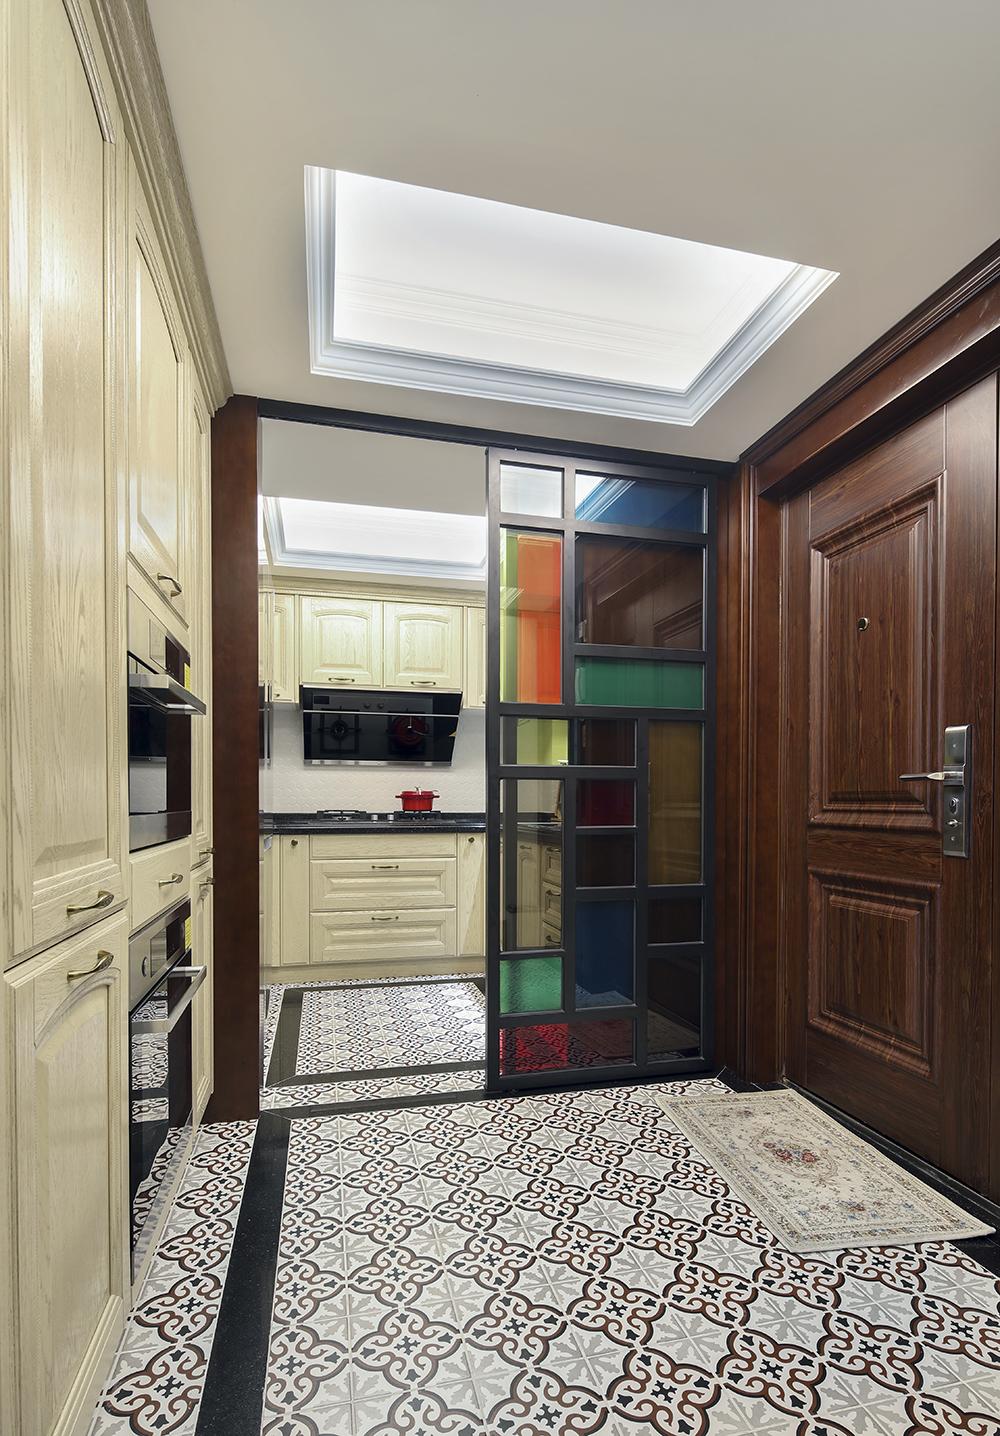 老上海复古海派风装修厨房局部图